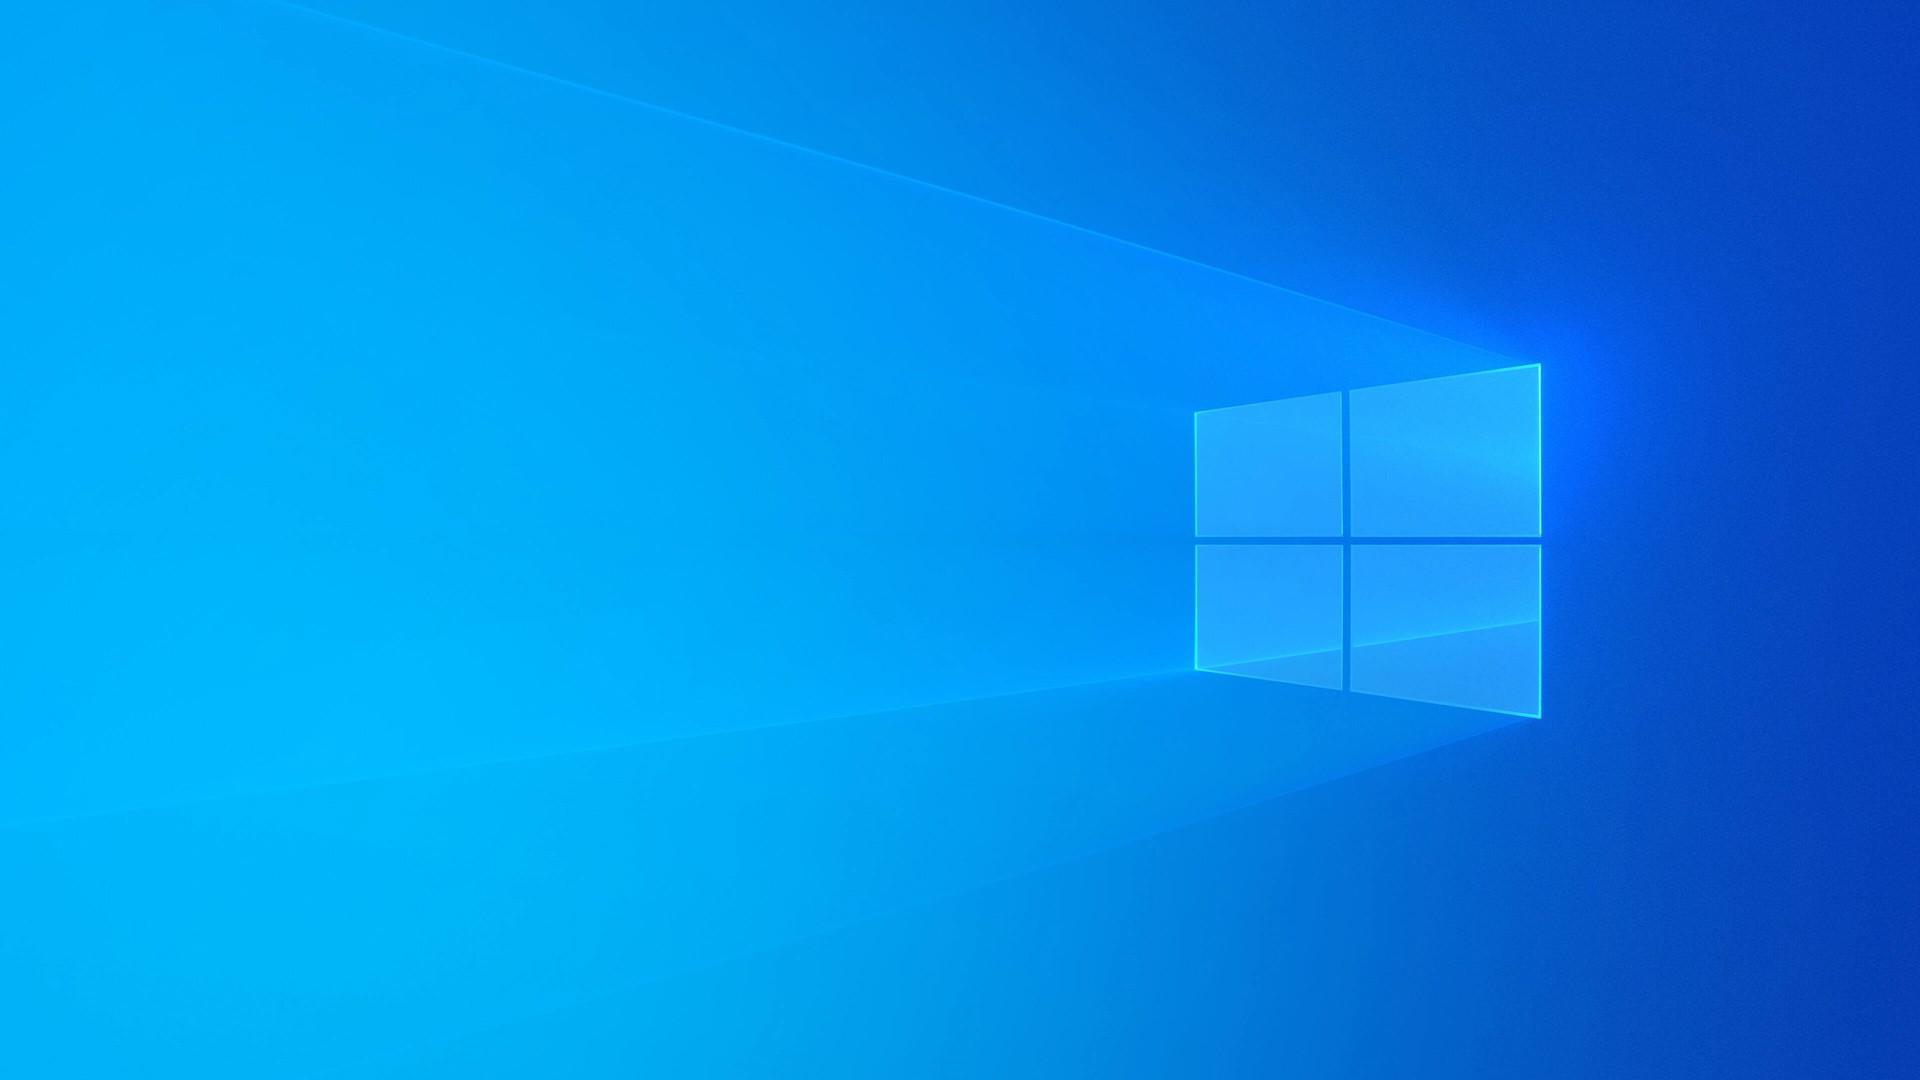 Windows 10が次のメジャーアップデートでライトテーマを導入 壁紙だけなら既にダウンロード可能に プラスガジェット